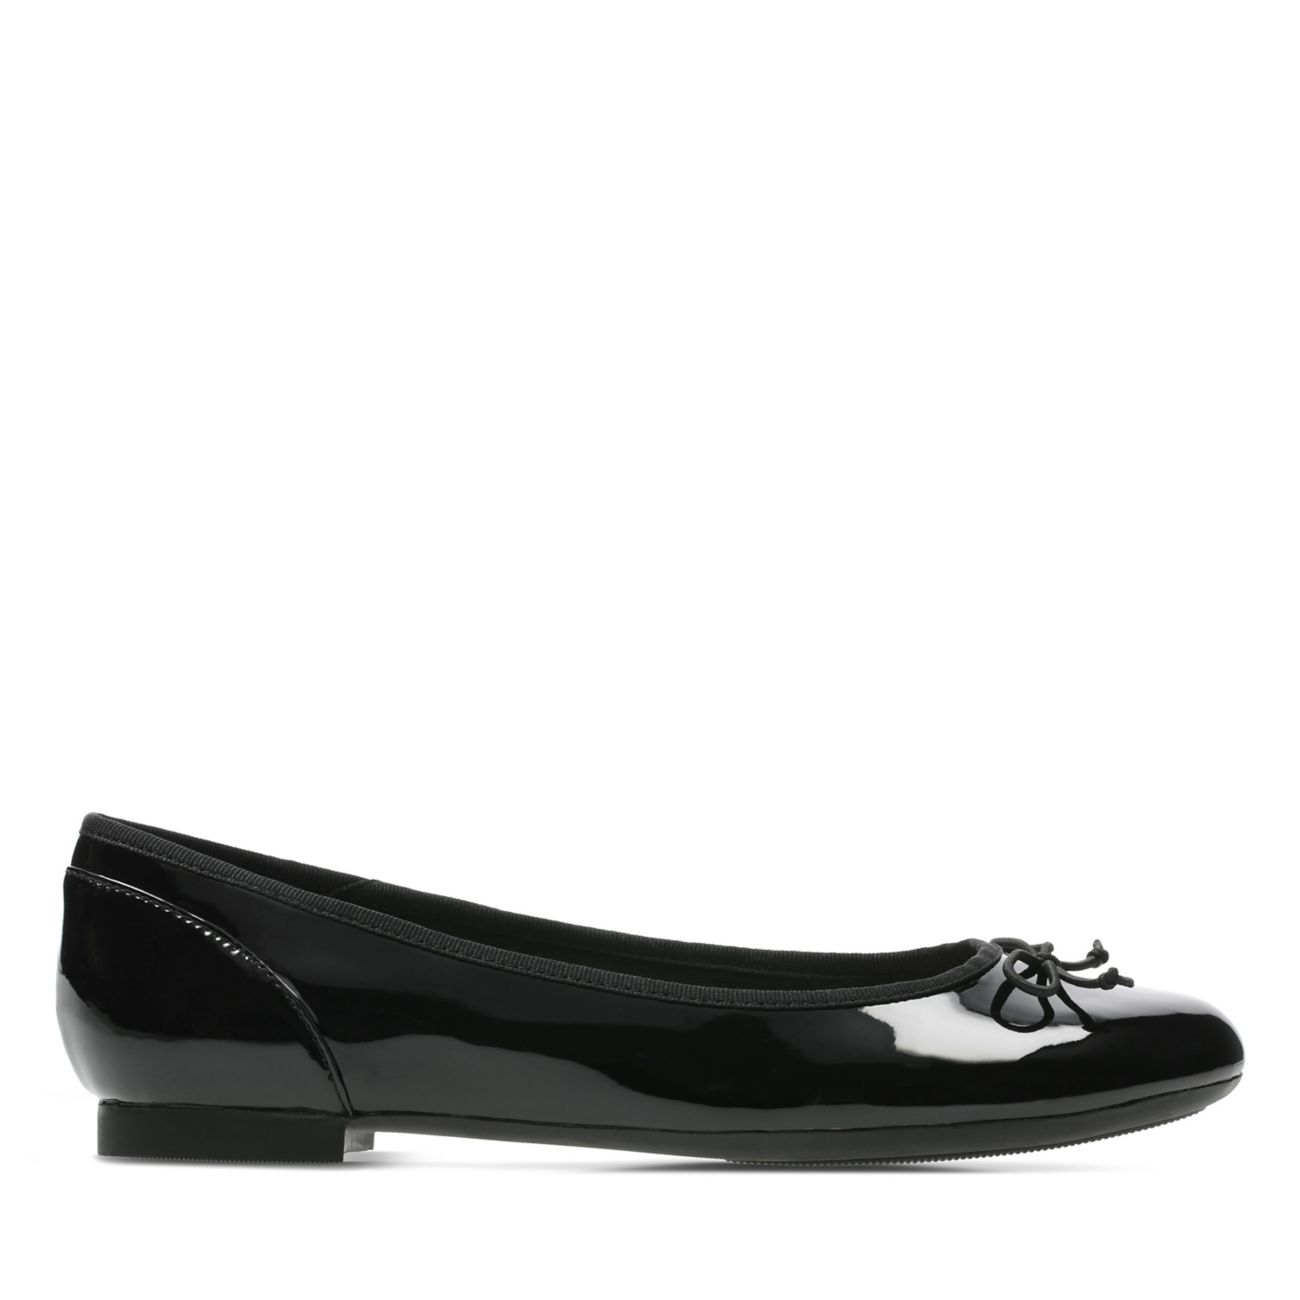 8e23f88e9b89e Couture Bloom Black Patent | Clarks